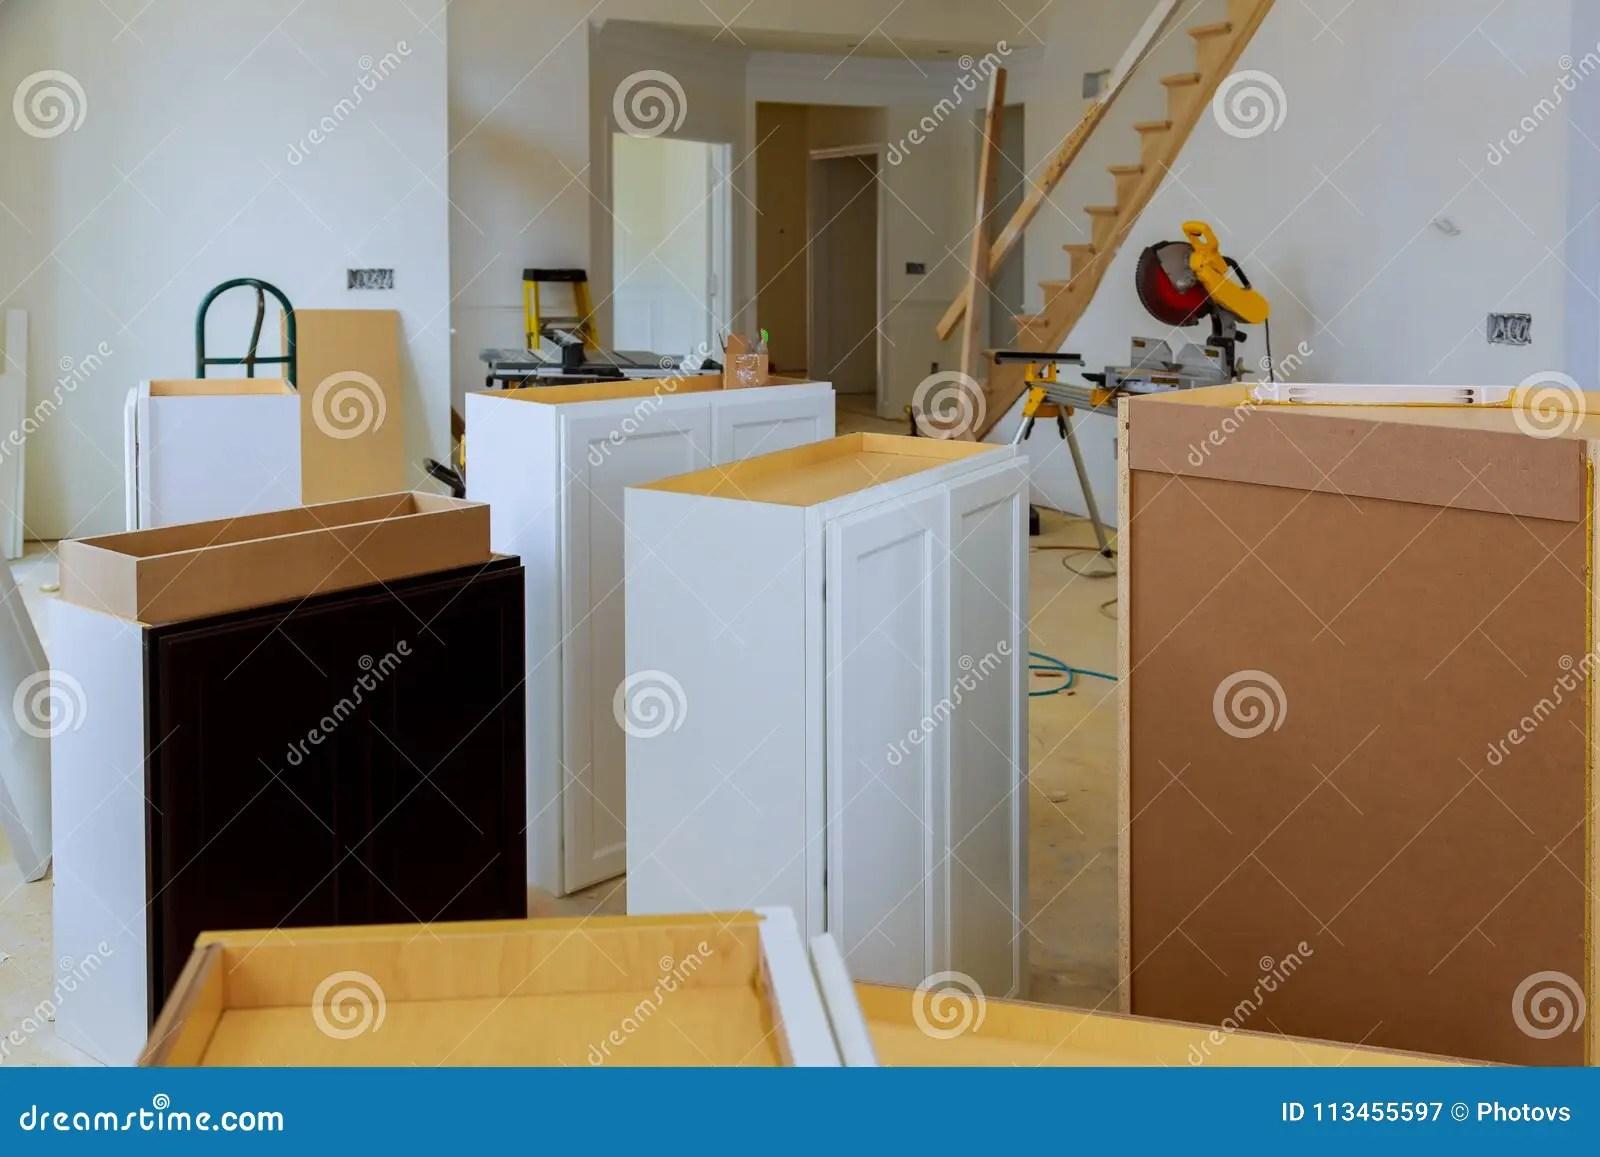 renew kitchen cabinets food storage 安装新的归纳滚刀在厨柜的现代厨房设施库存图片 图片包括有改善 更新 安装新的归纳滚刀在厨柜的现代厨房设施